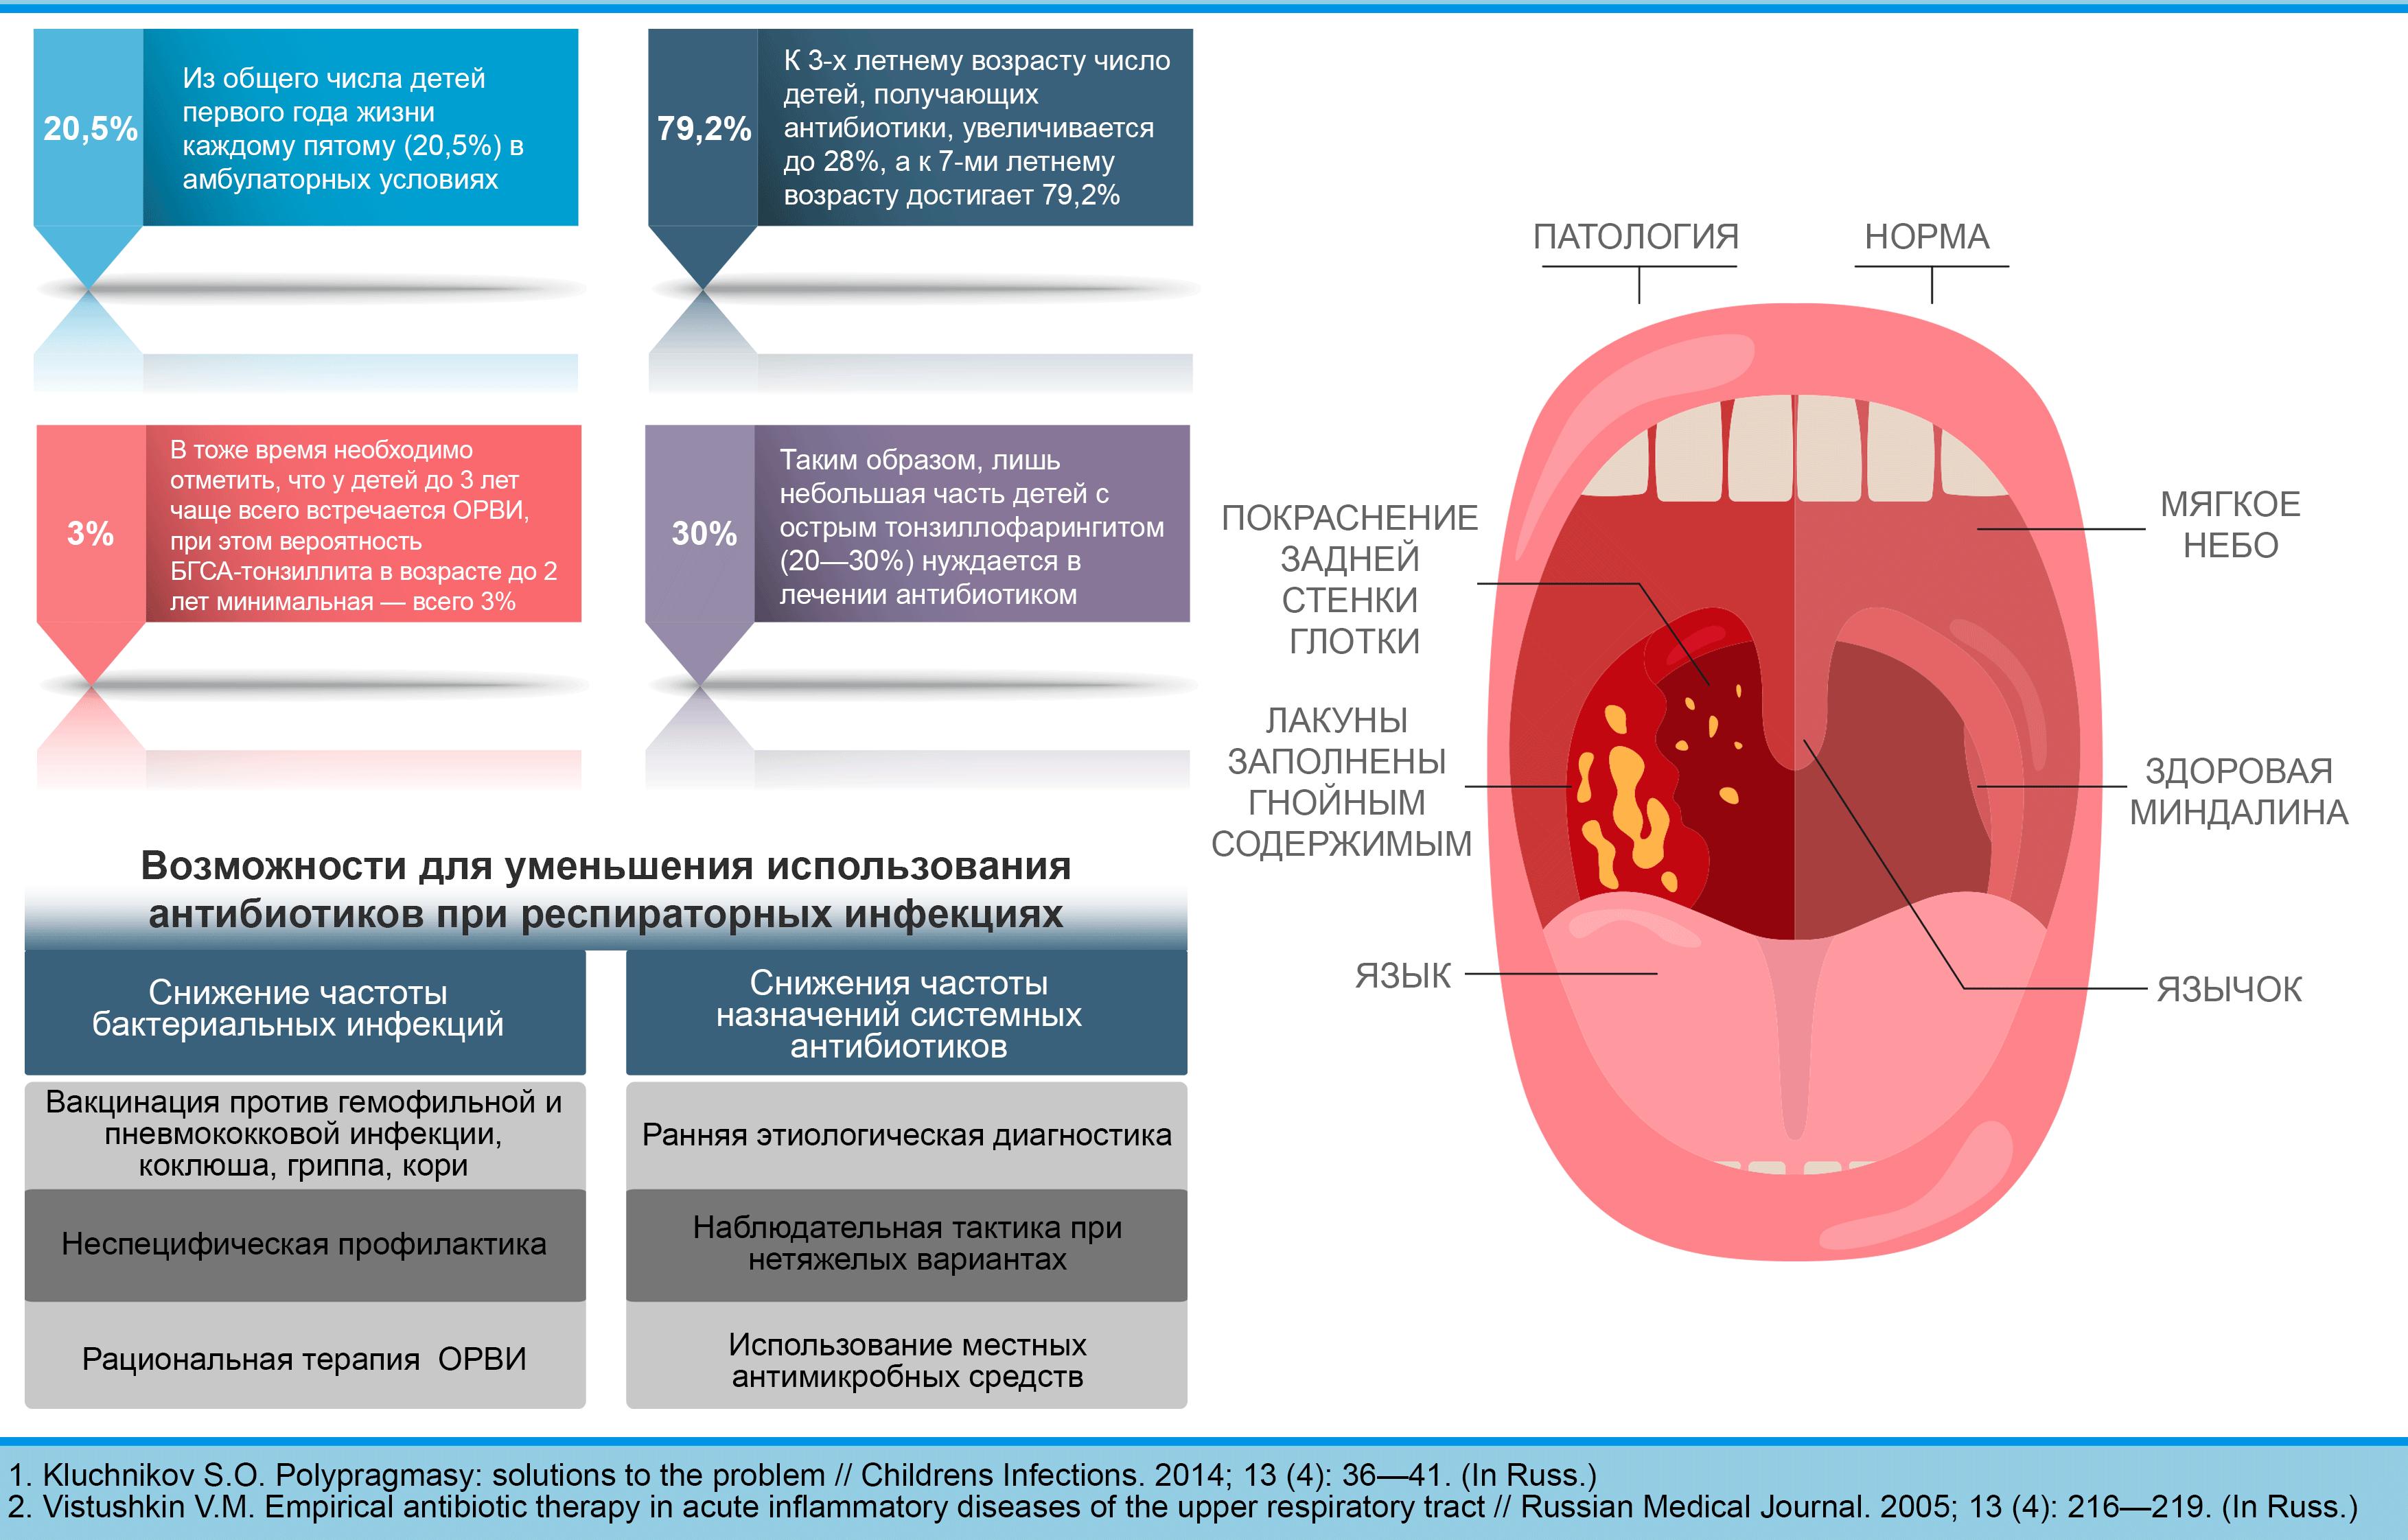 лечение ангины без антибиотиков